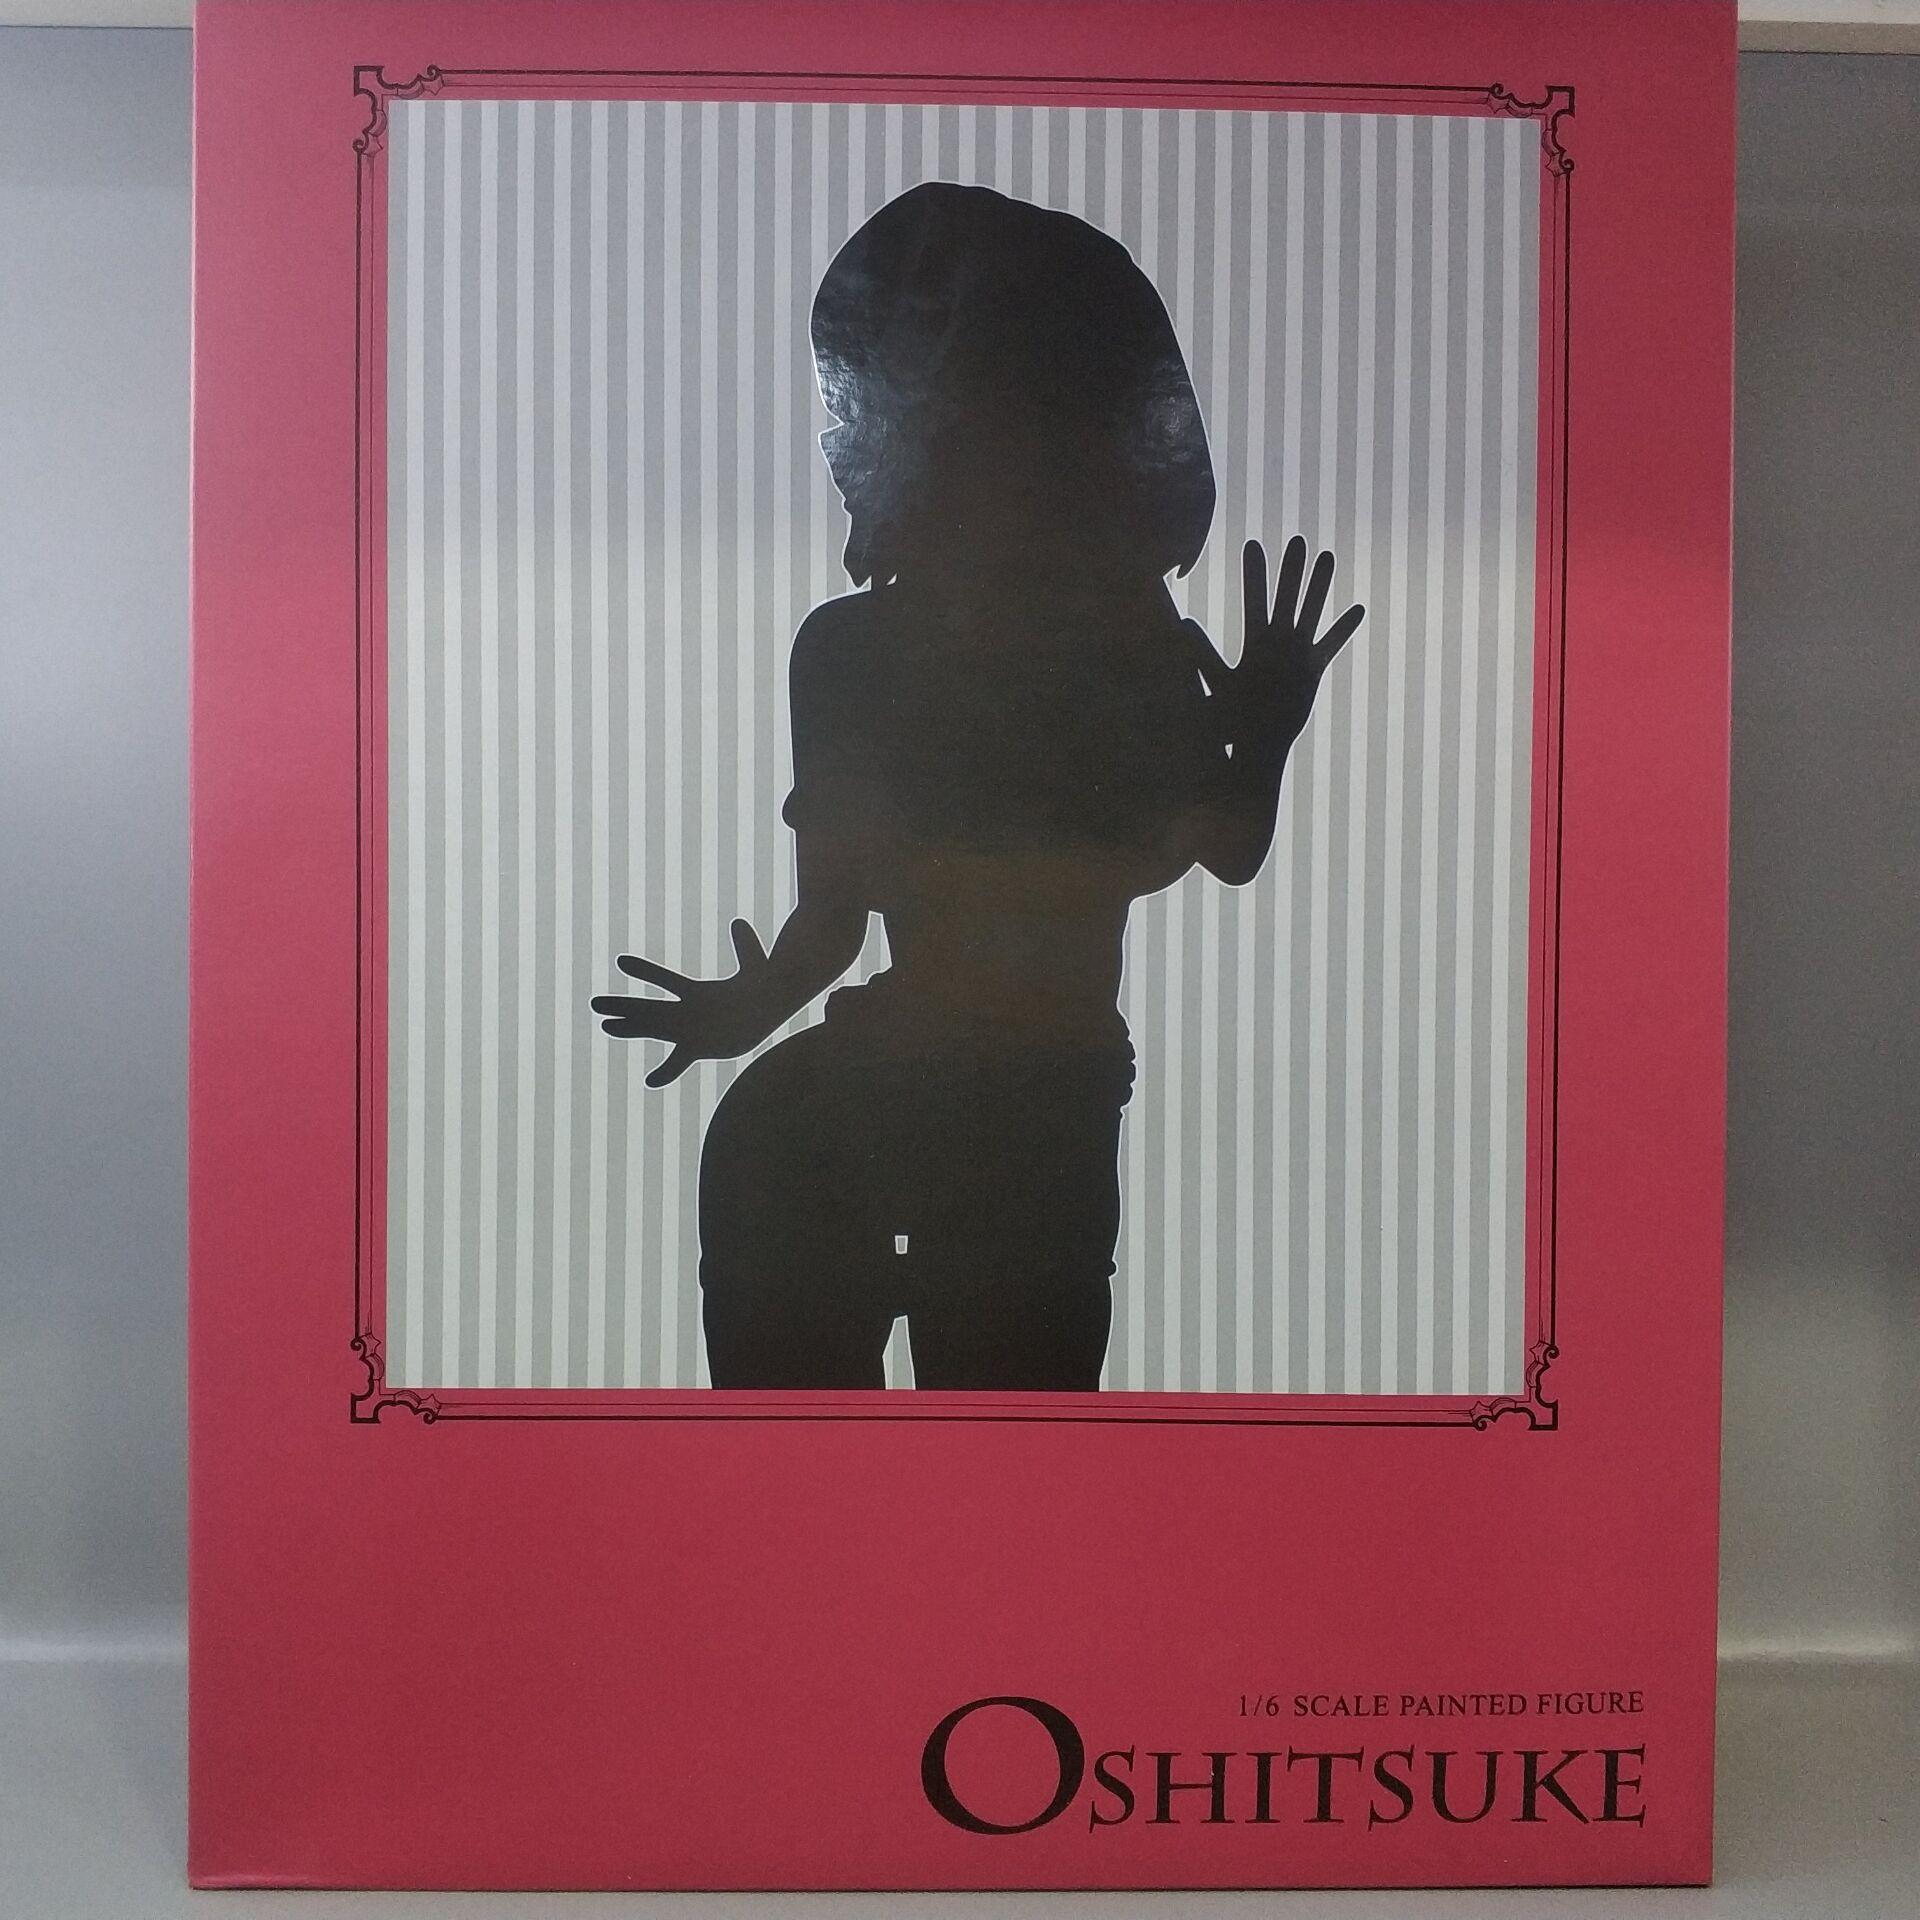 Diffuse un Excellent Anime oshisuke autocollants verre de fille shi hui natif Kit de Garage Social modèle ornements